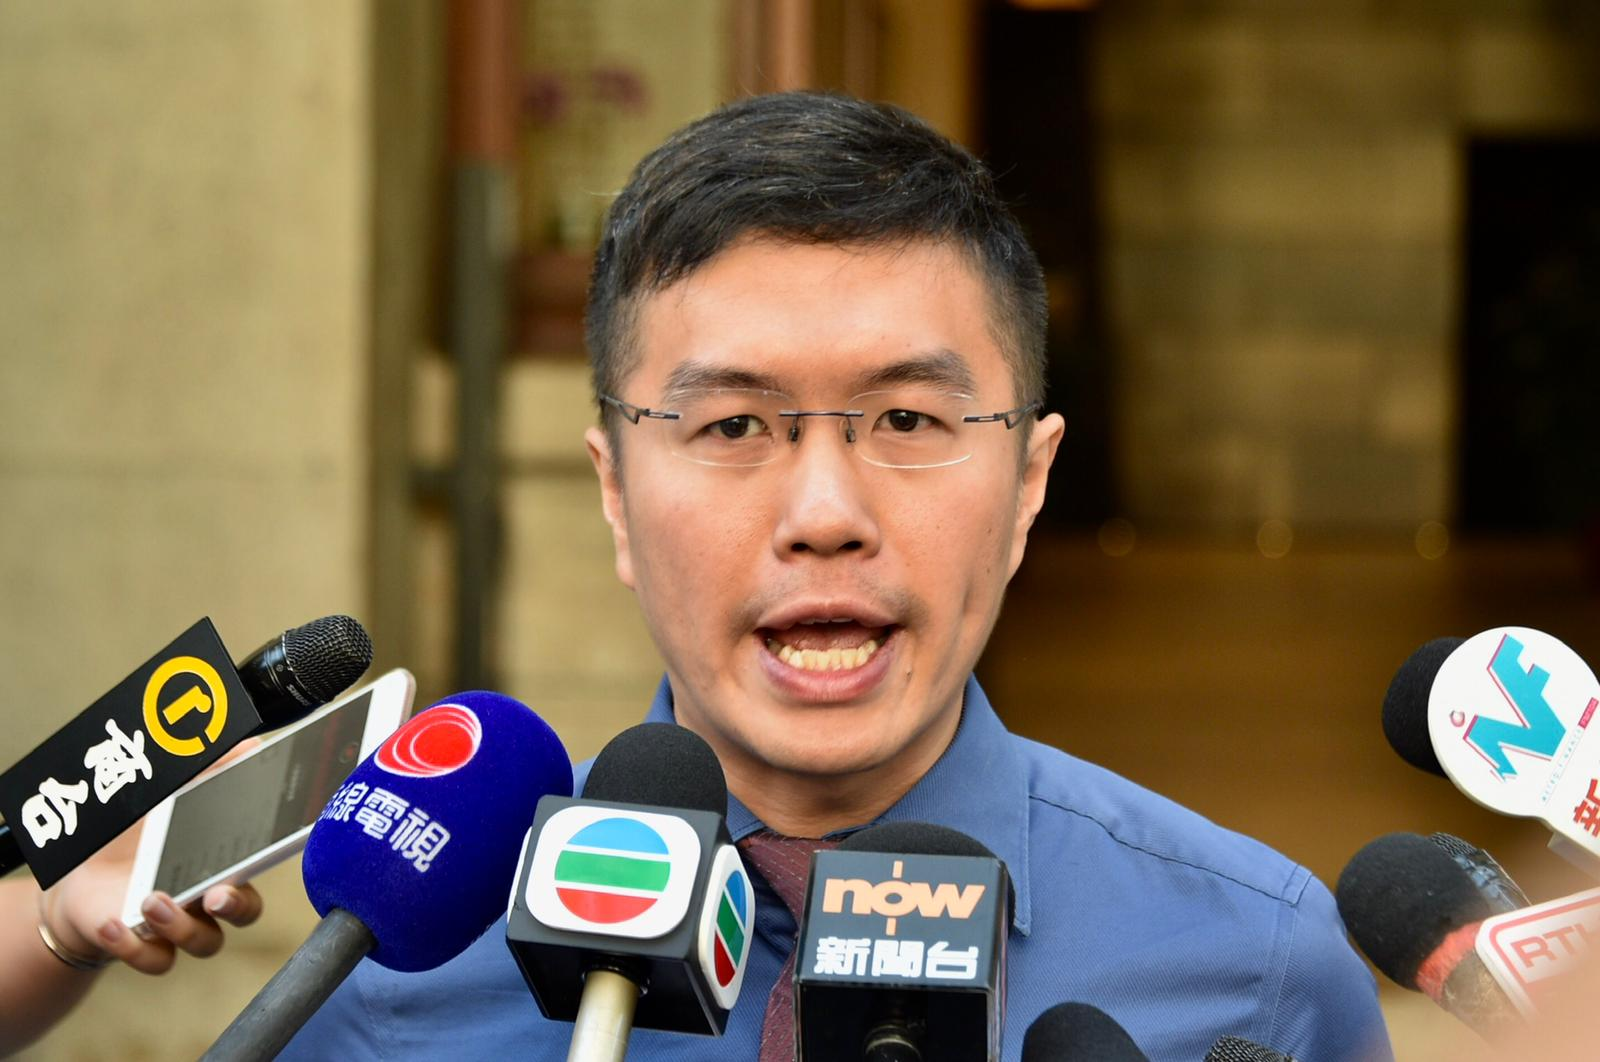 周庭选举呈请上诉得直 区诺轩就「非妥为当选」申请上诉